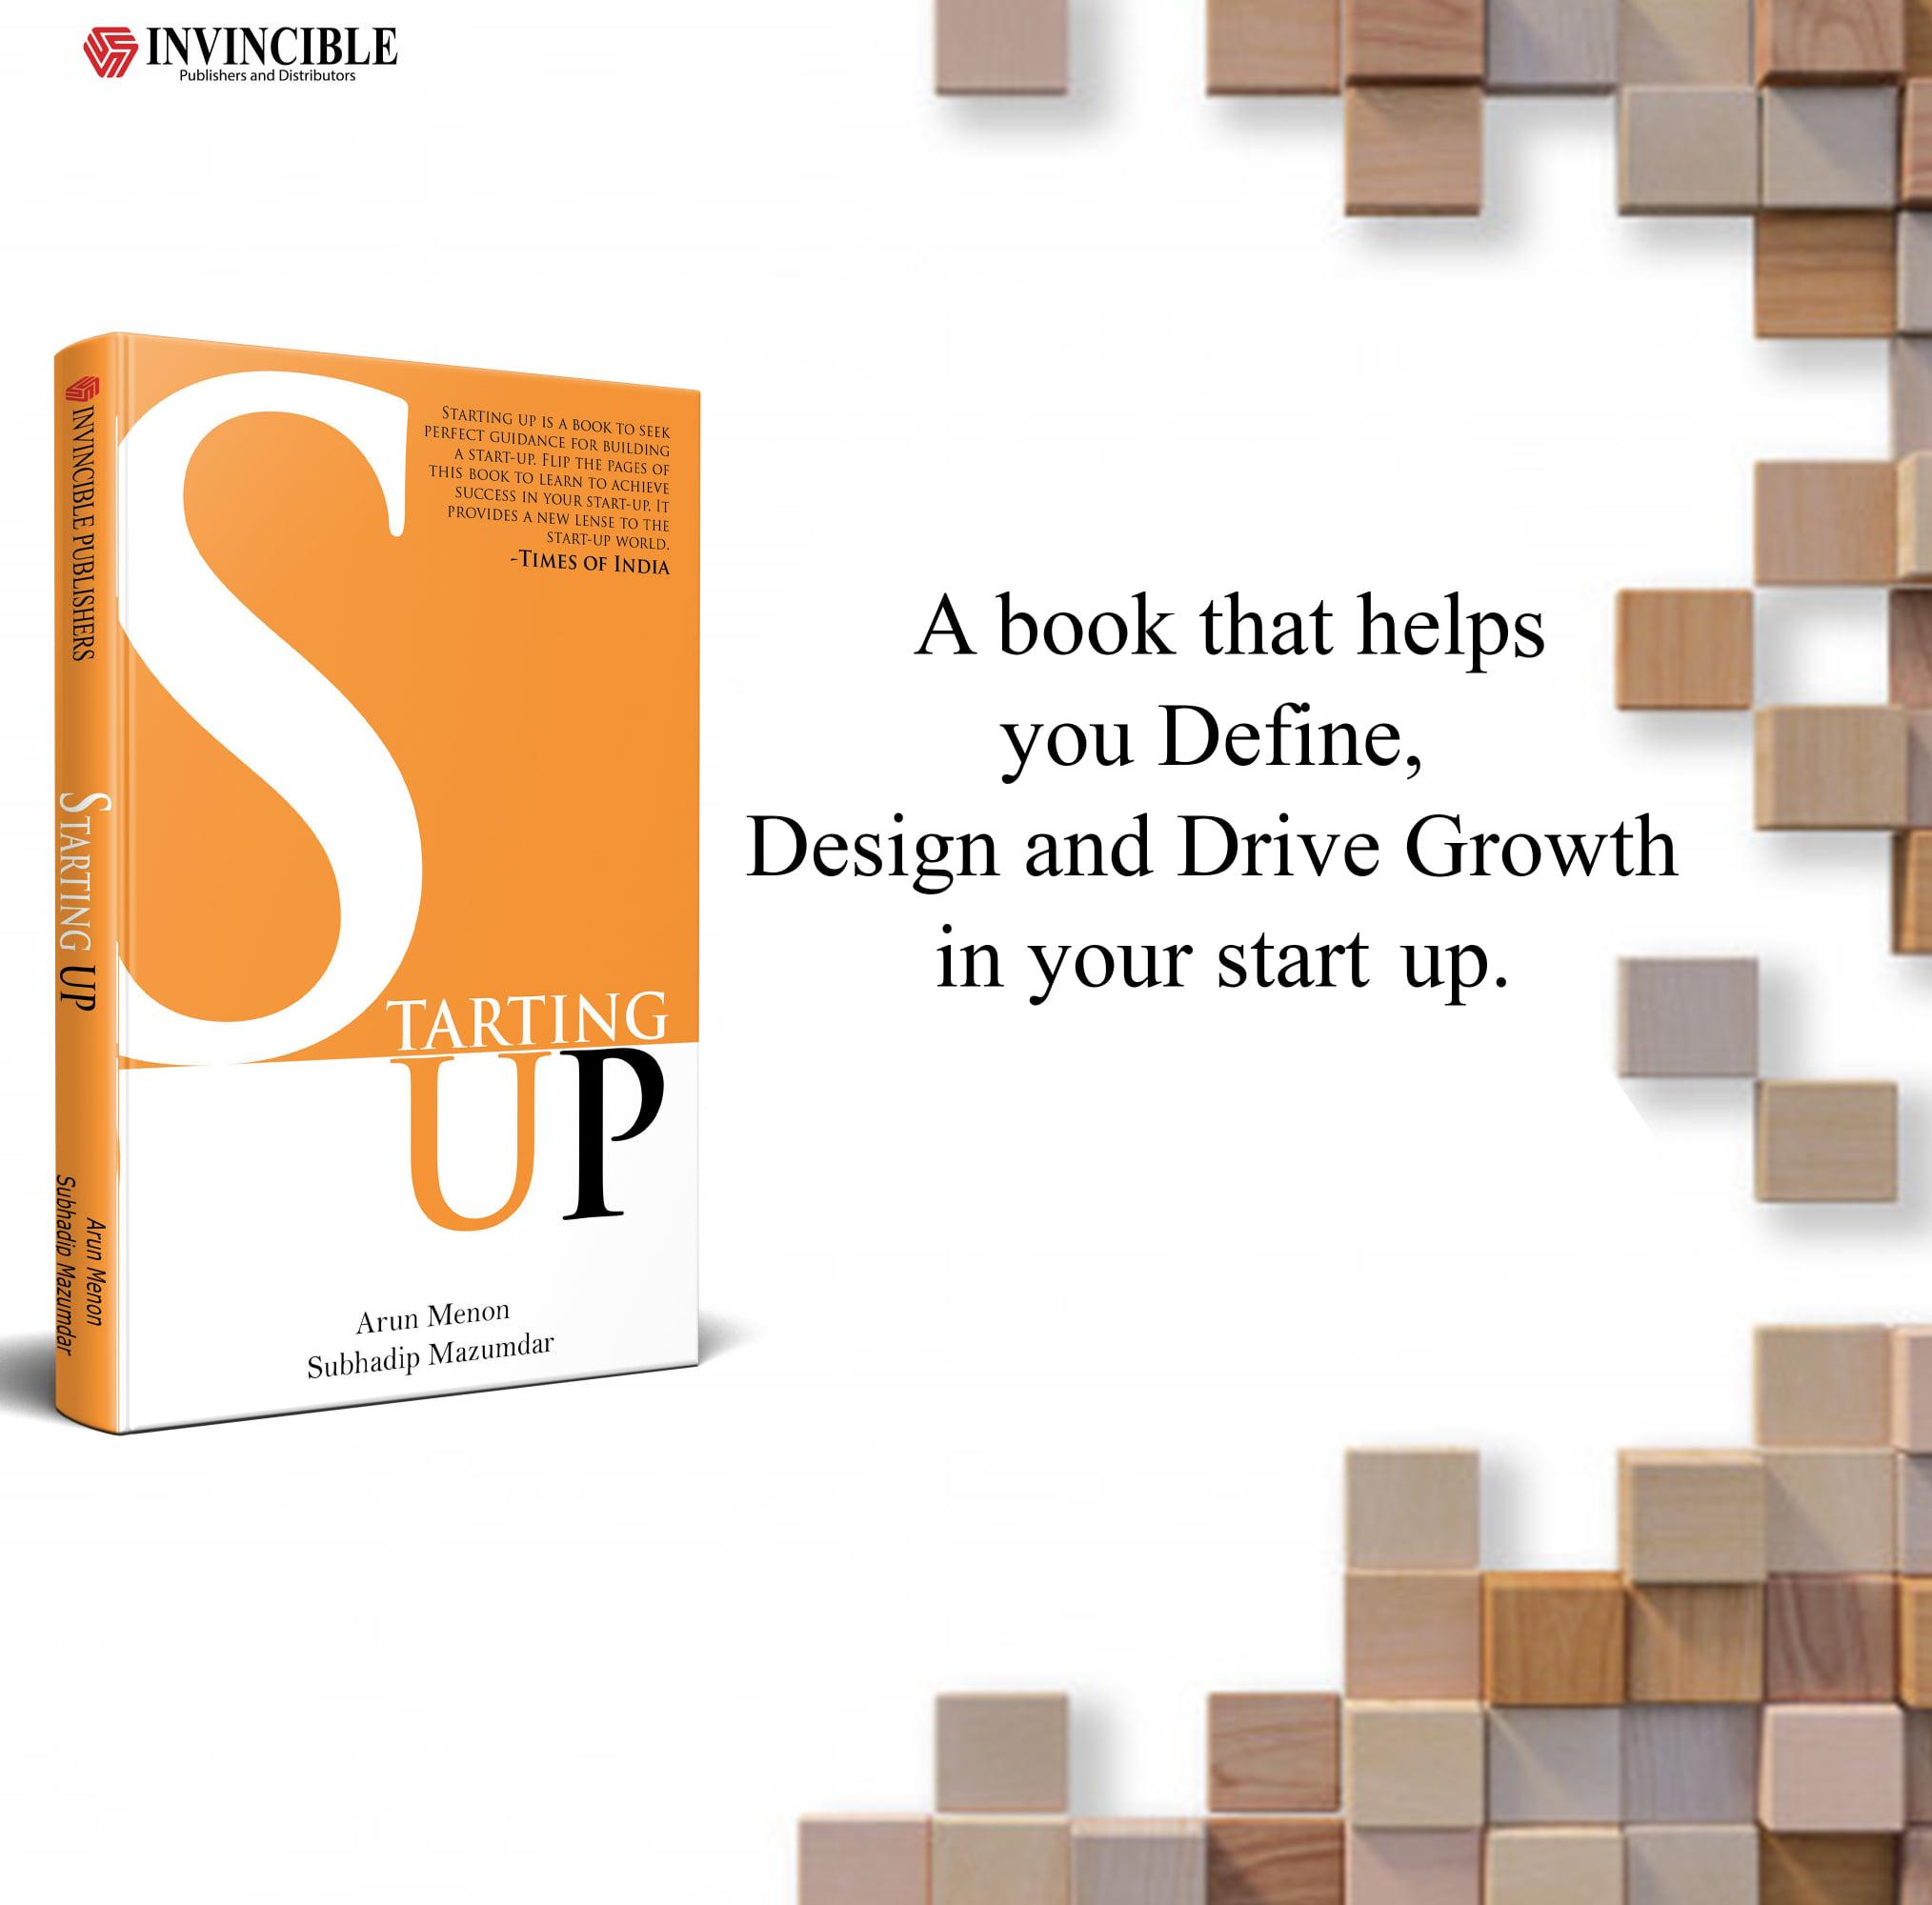 Starting-up by Arun Menon and Subhadip Mazumdar